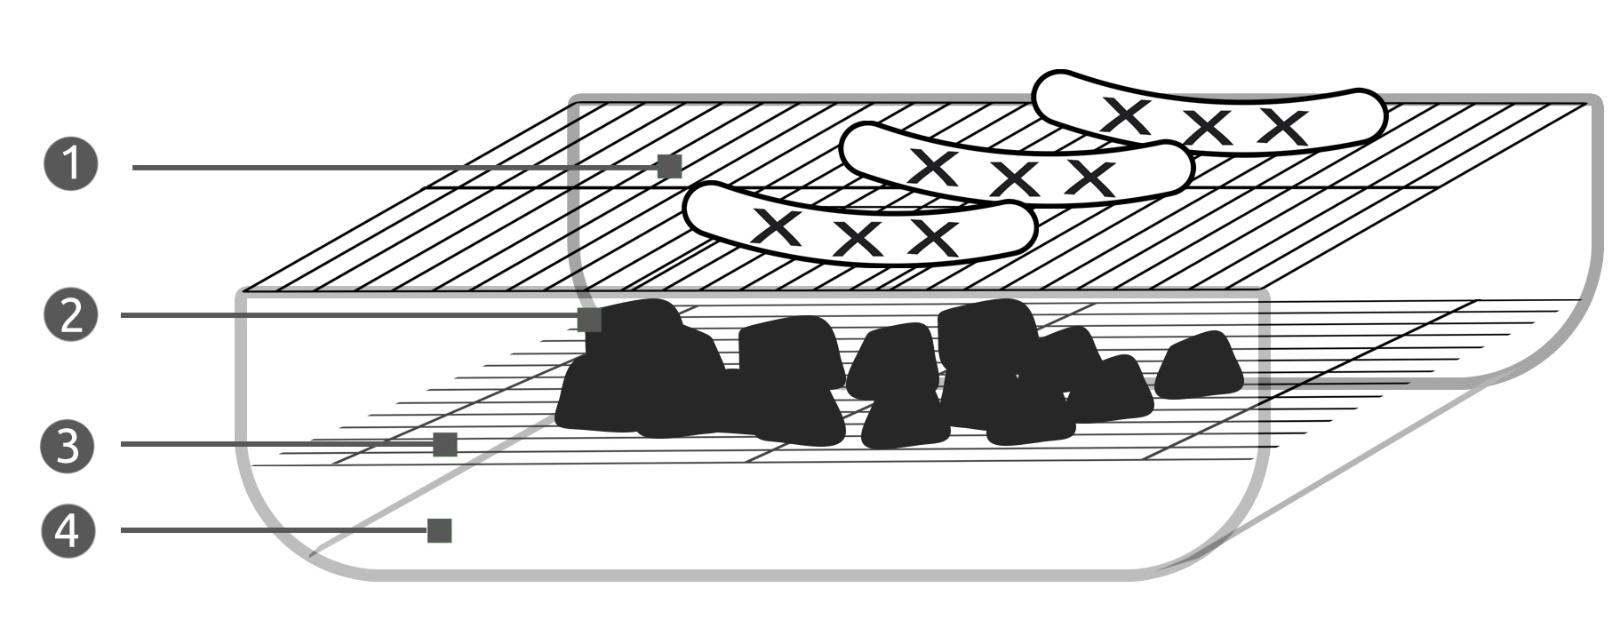 Grill ogrodowy z pokrywą zamykany kwadratowy ruszt na kółkach półki